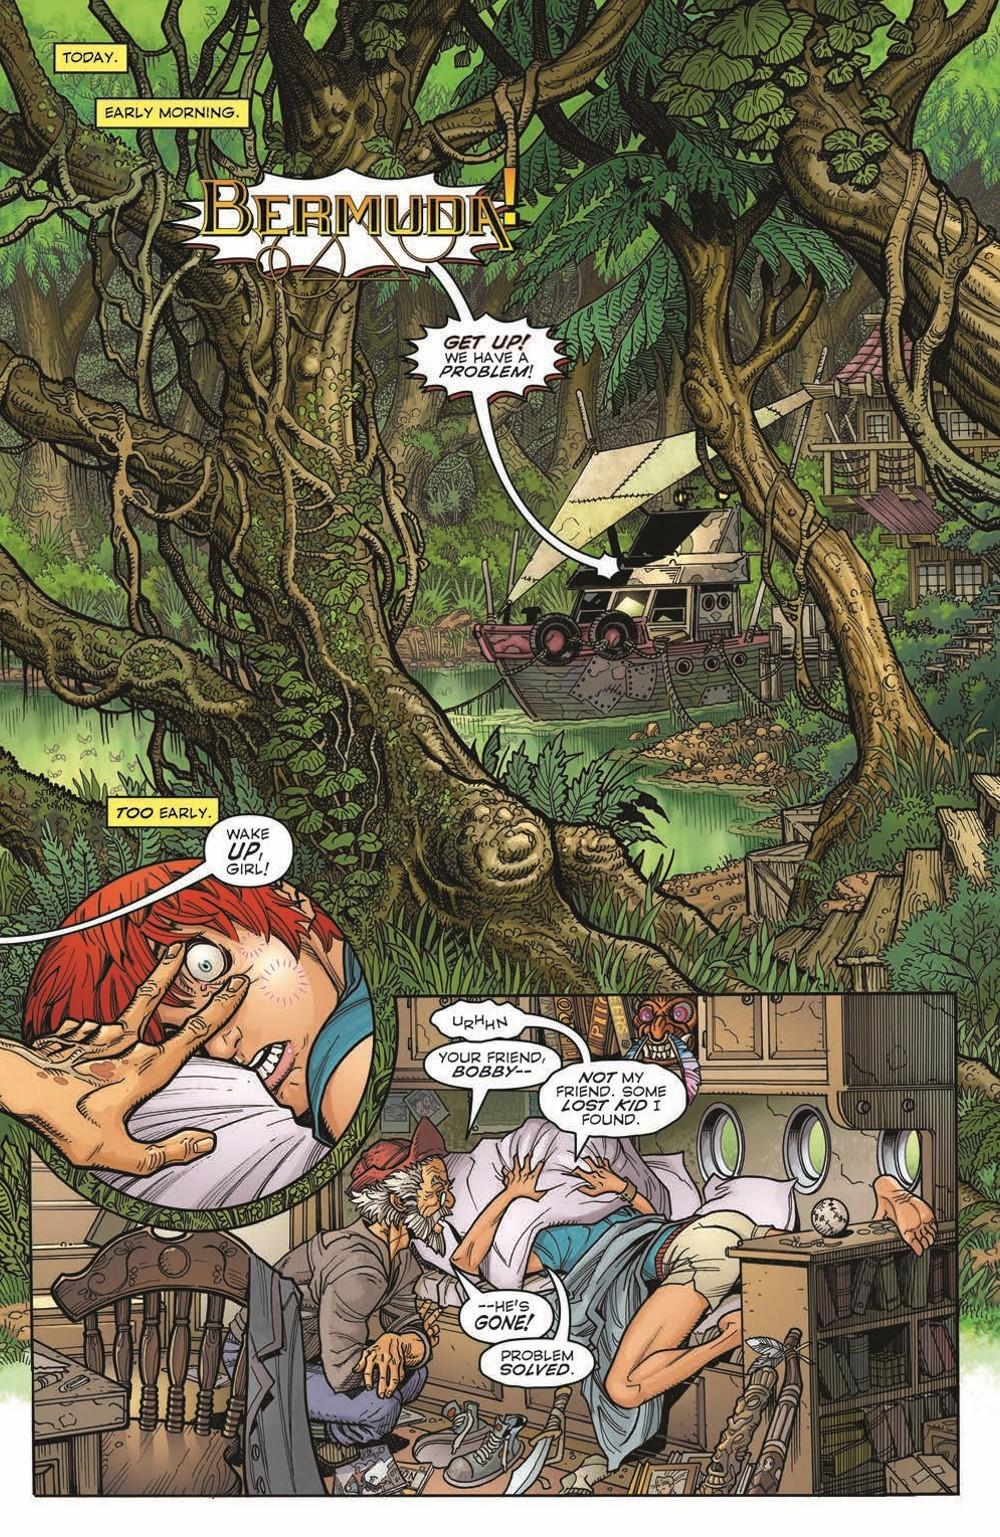 BERMUDA02_pr-6 ComicList Previews: BERMUDA #2 (OF 4)